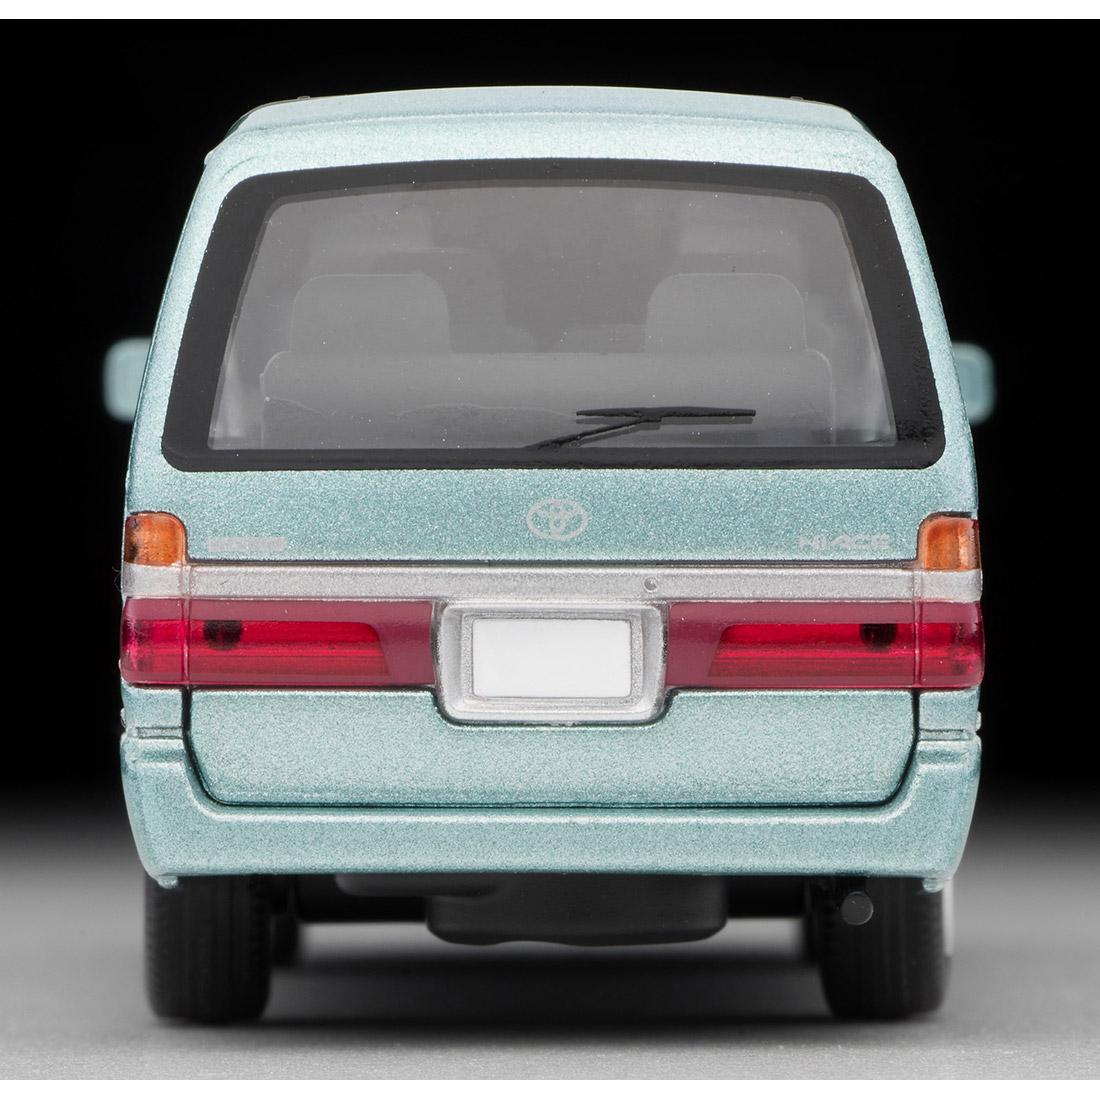 トミカリミテッド ヴィンテージ ネオ TLV-NEO『LV-N216a ハイエースワゴン リビングサルーン EX(白/ベージュ)』1/64 ミニカー-012